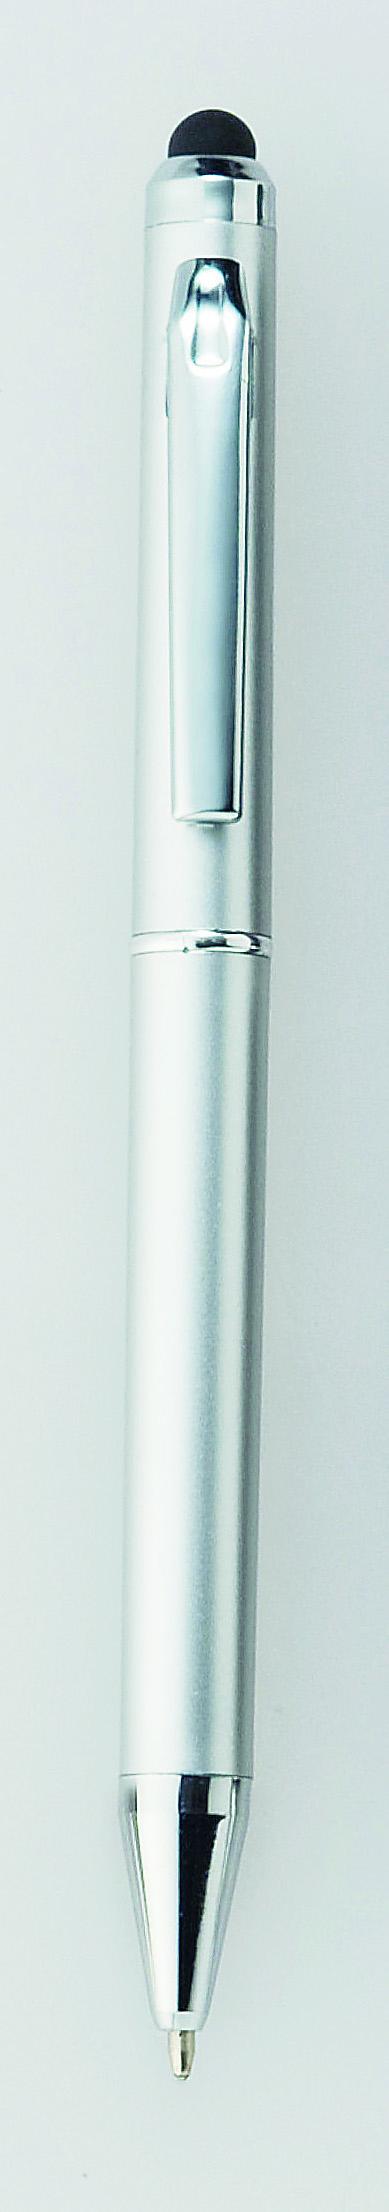 koV010193